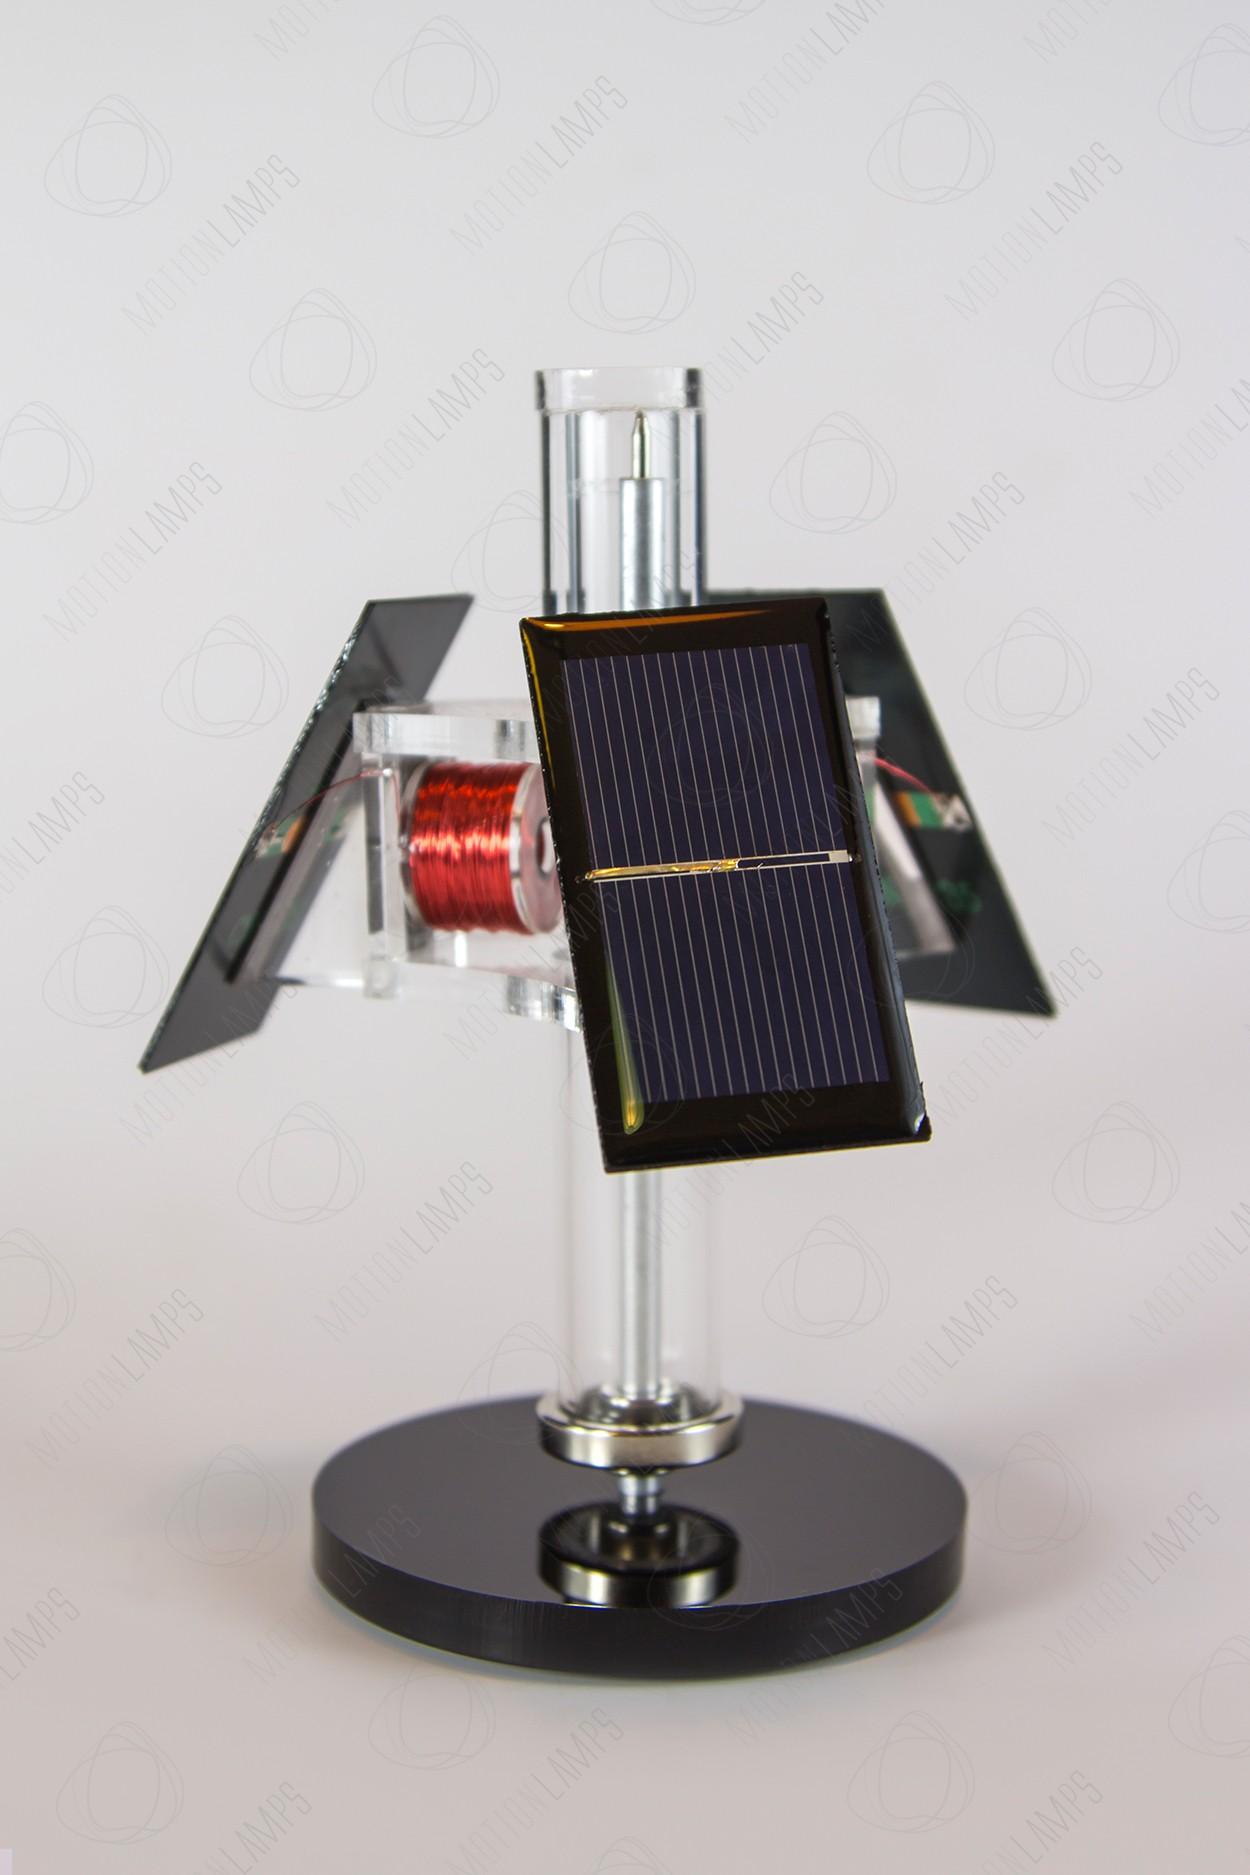 Вечный двигатель на солнечных батареях (мельница)